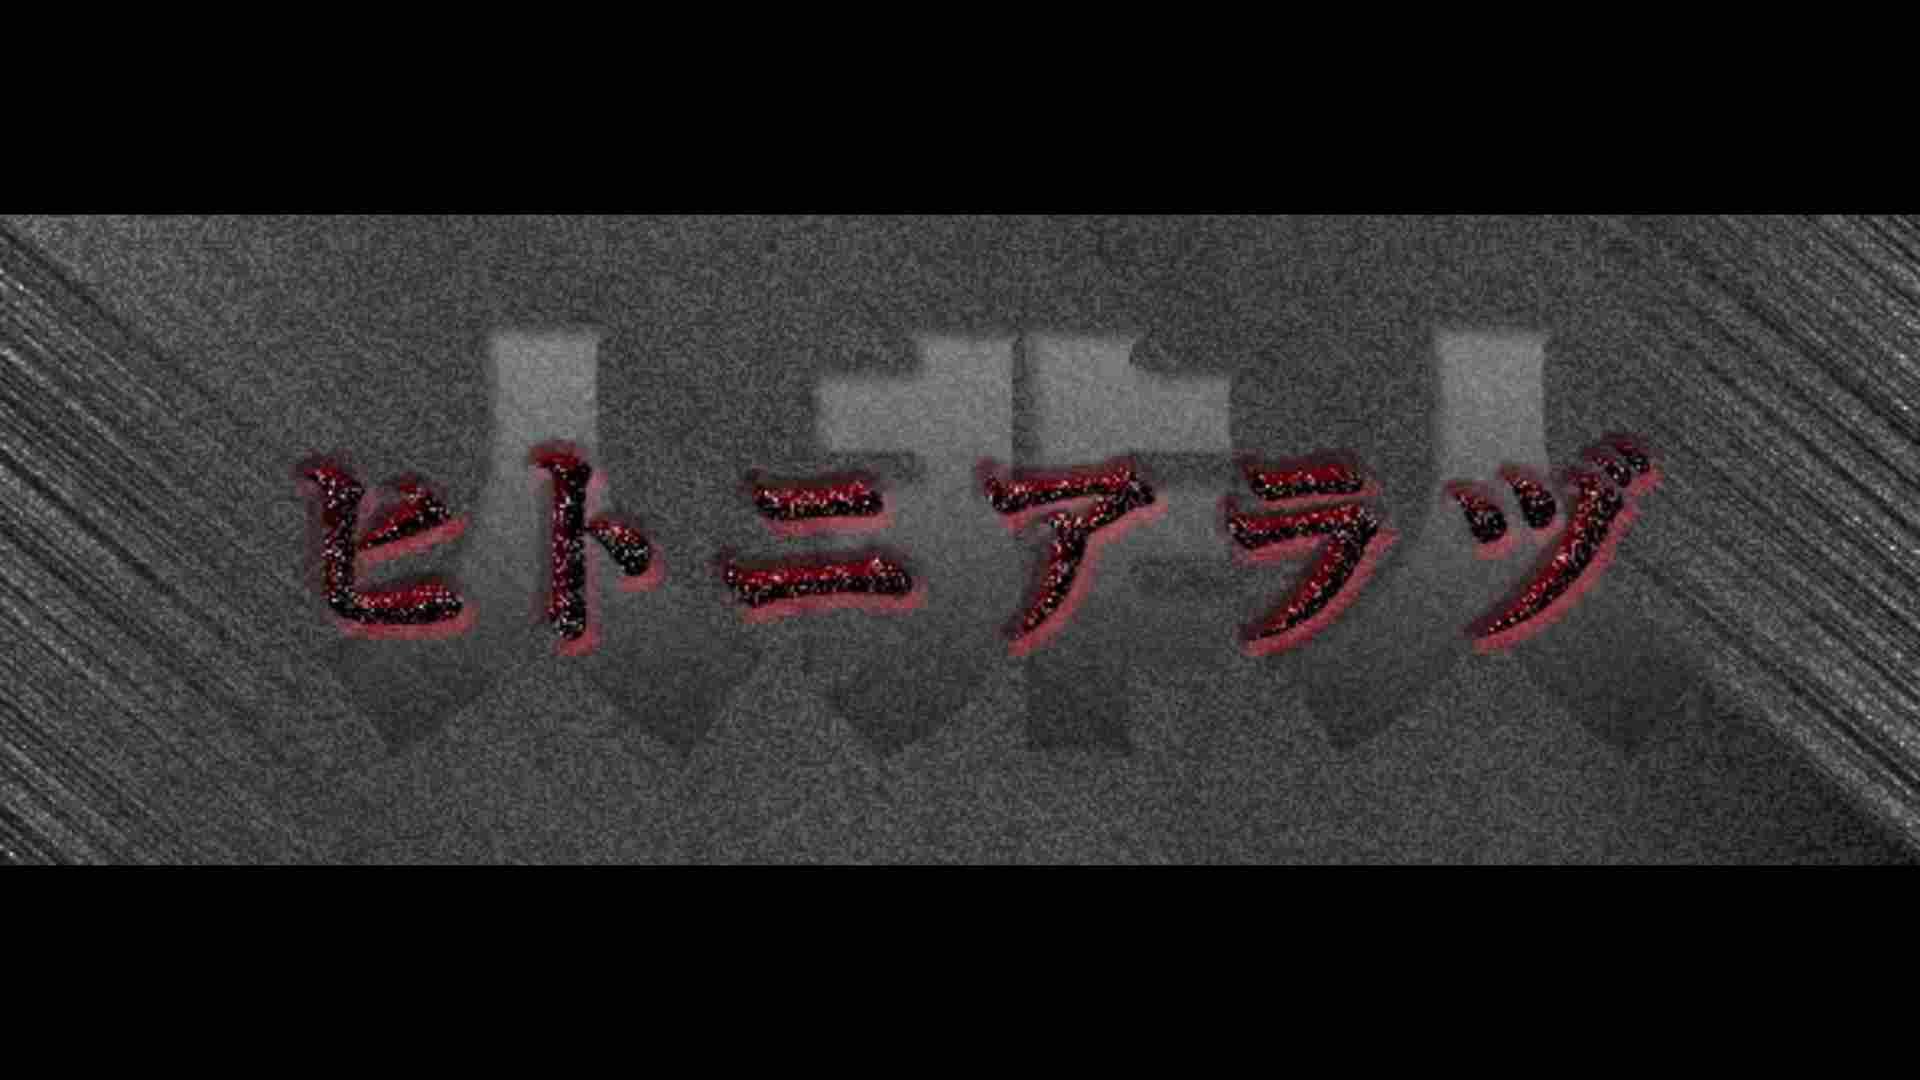 ヒトニアラヅNo.02 姿と全体の流れを公開 ギャル  63pic 16